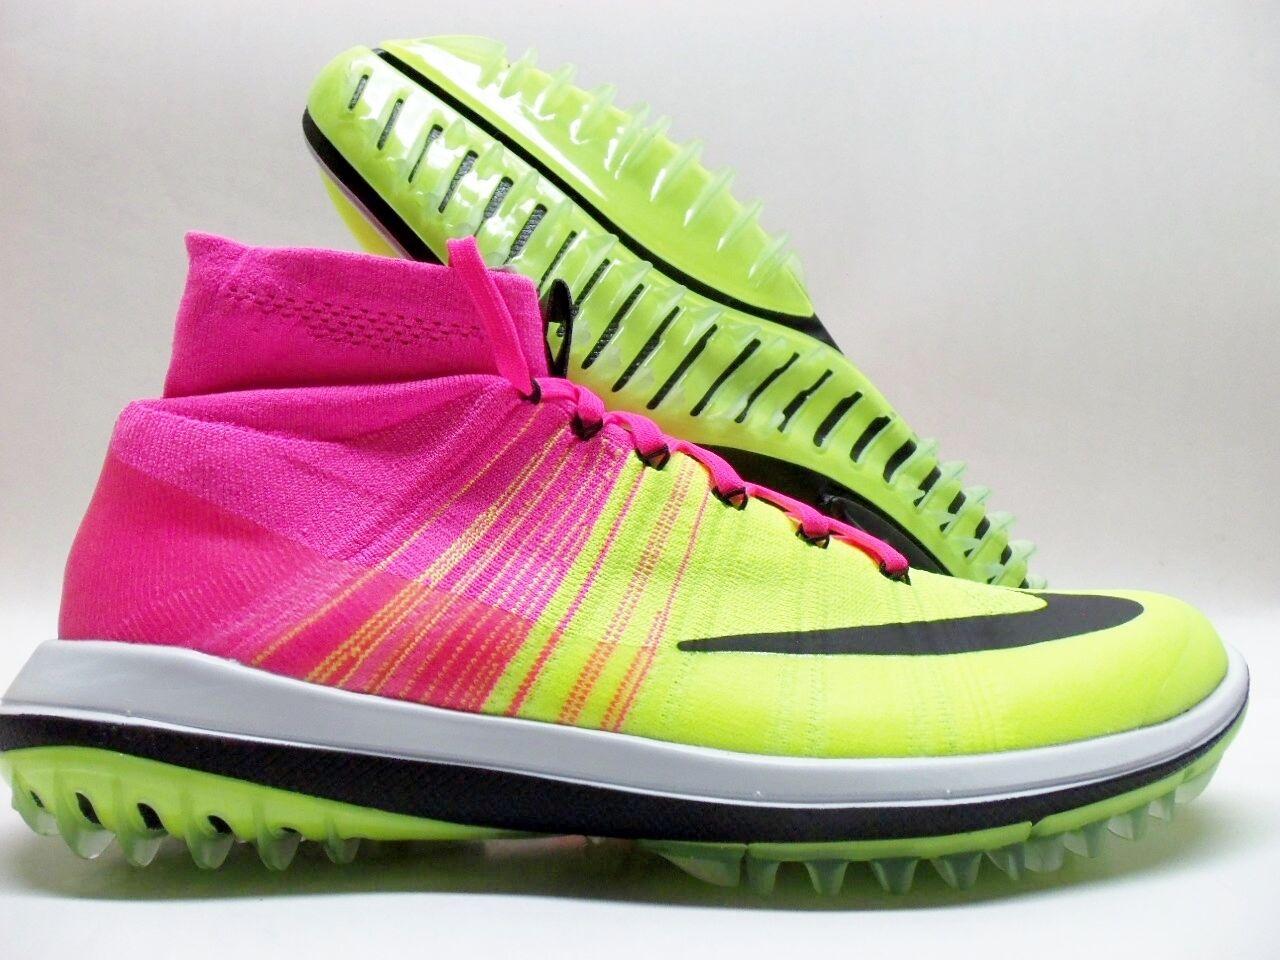 Nike flyknit elite scarpa scarpa scarpa da golf rosa esplosione / nero-volt dimensioni uomini 10,5 - 844450-600] 9269f7